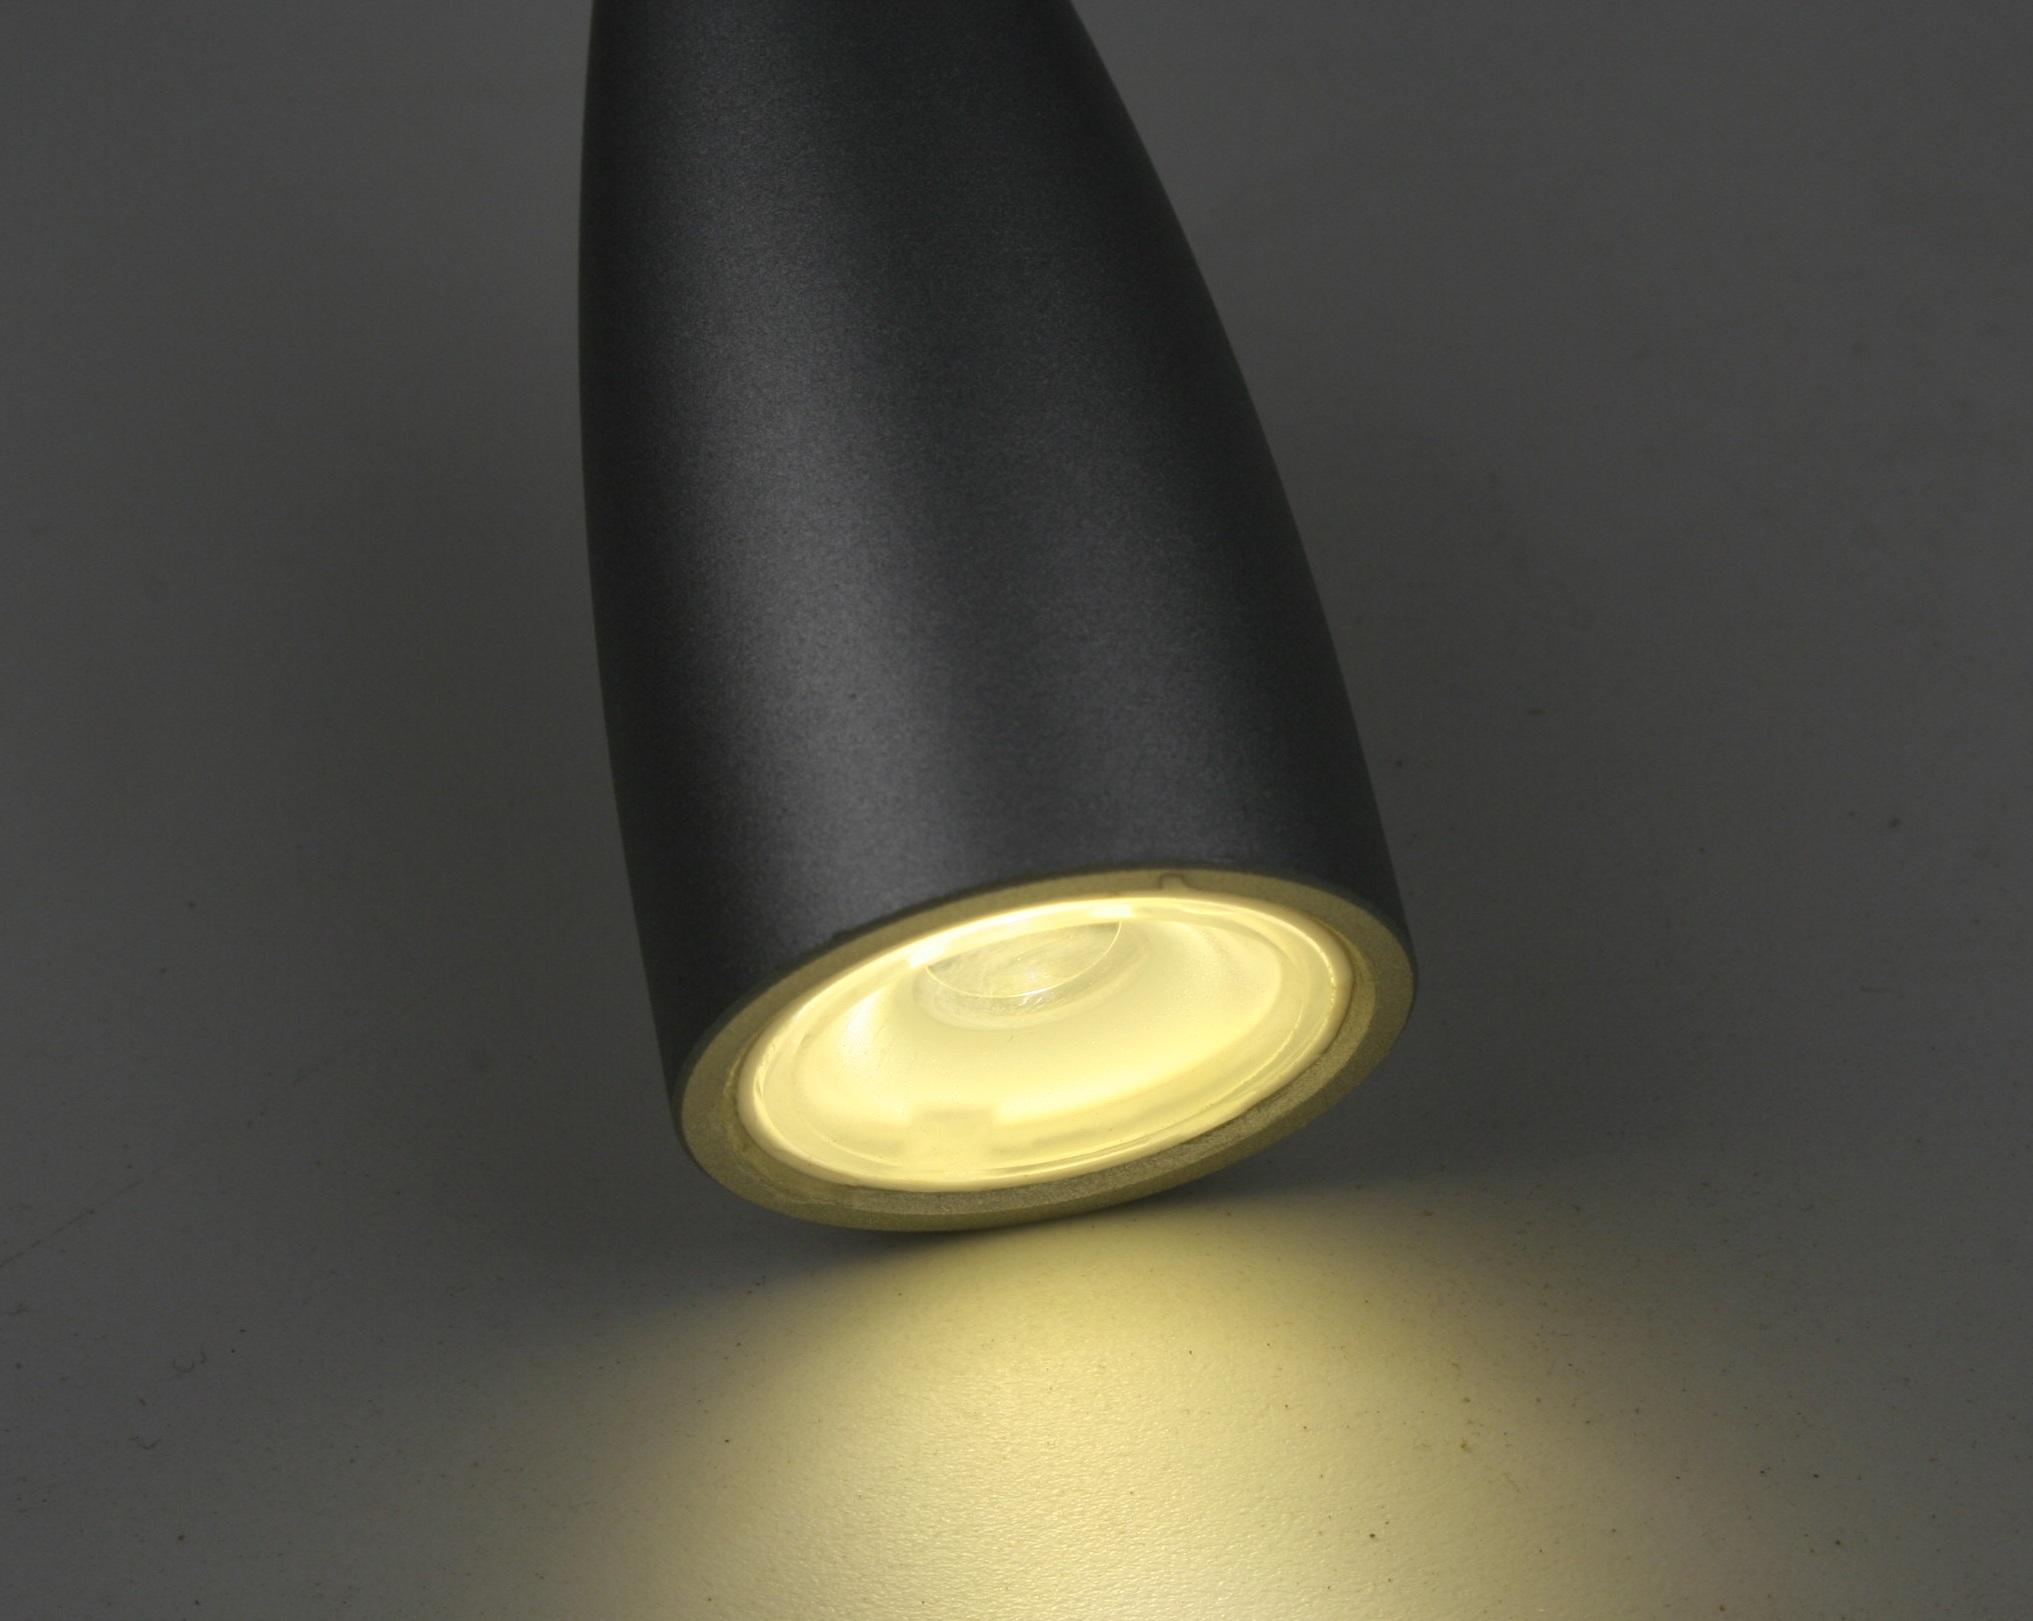 Gooseneck 12 volt map light chart light warm white for 12 volt led table lamp